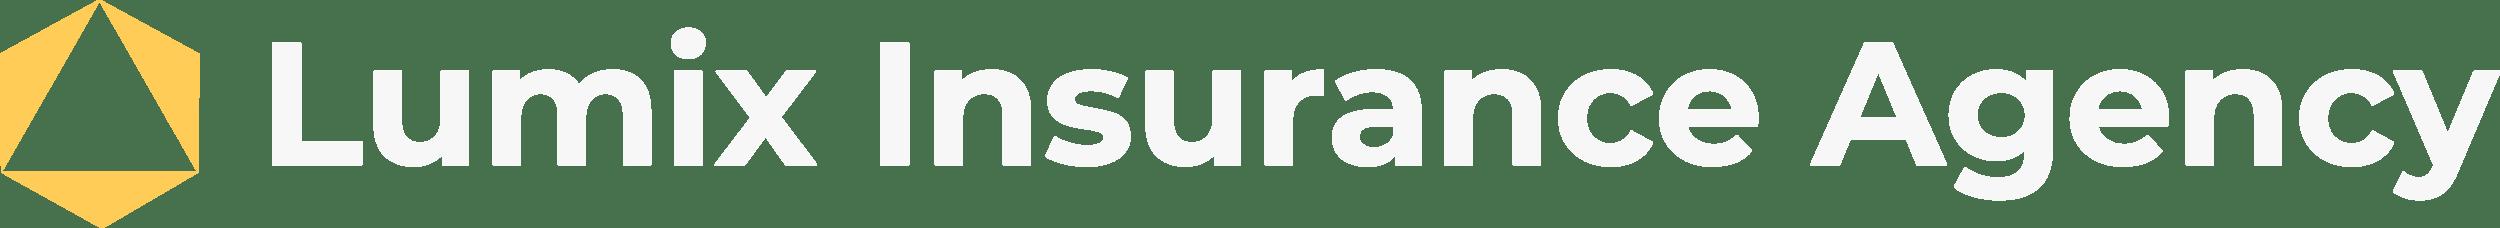 Lumix Insurance